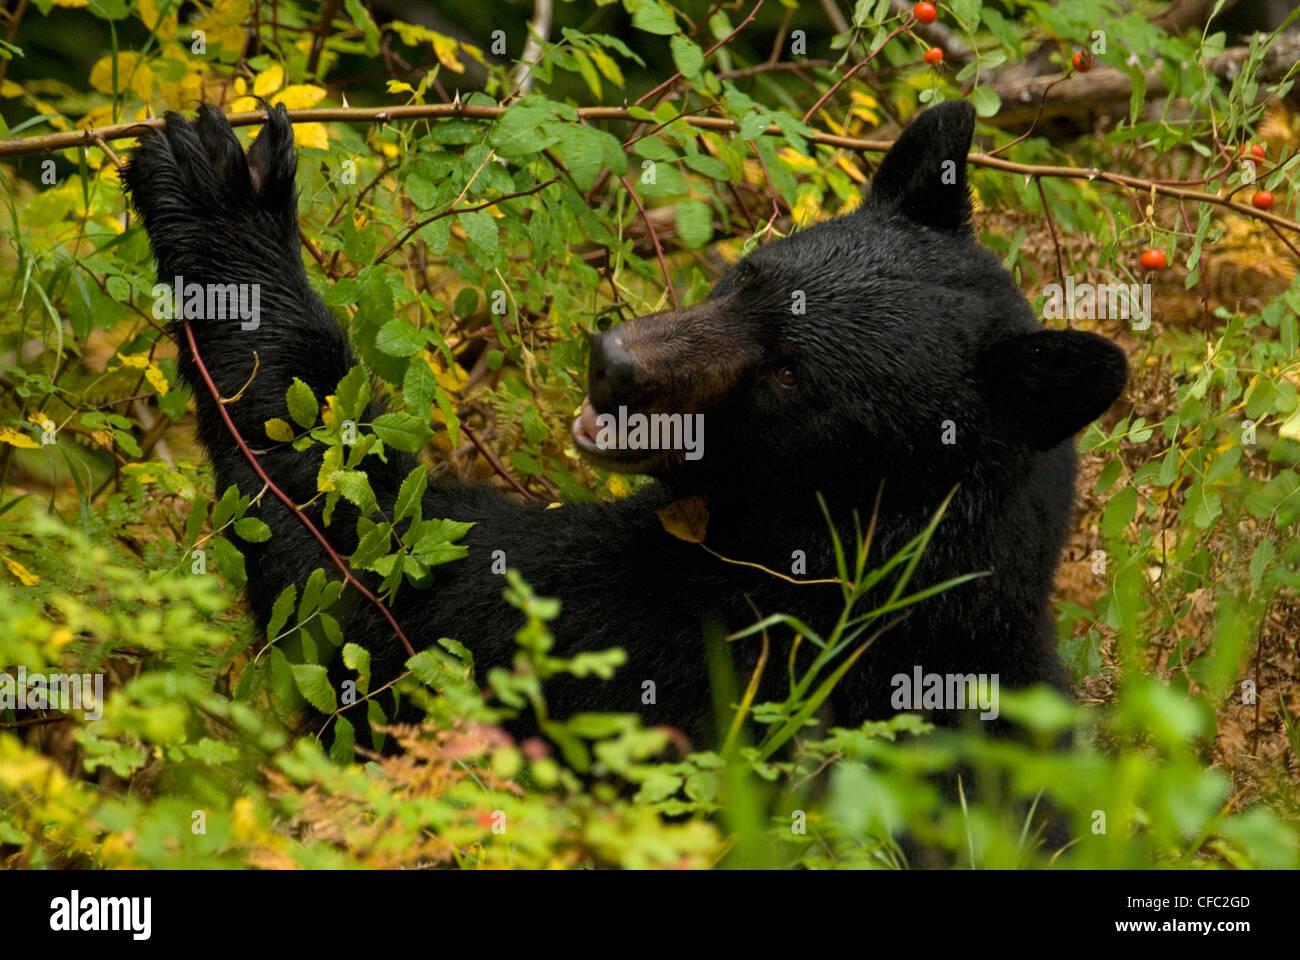 Ein schwarzer Bär frisst Hagebutten an einem regnerischen Tag in Bella Coola, Britisch-Kolumbien, Kanada Stockbild